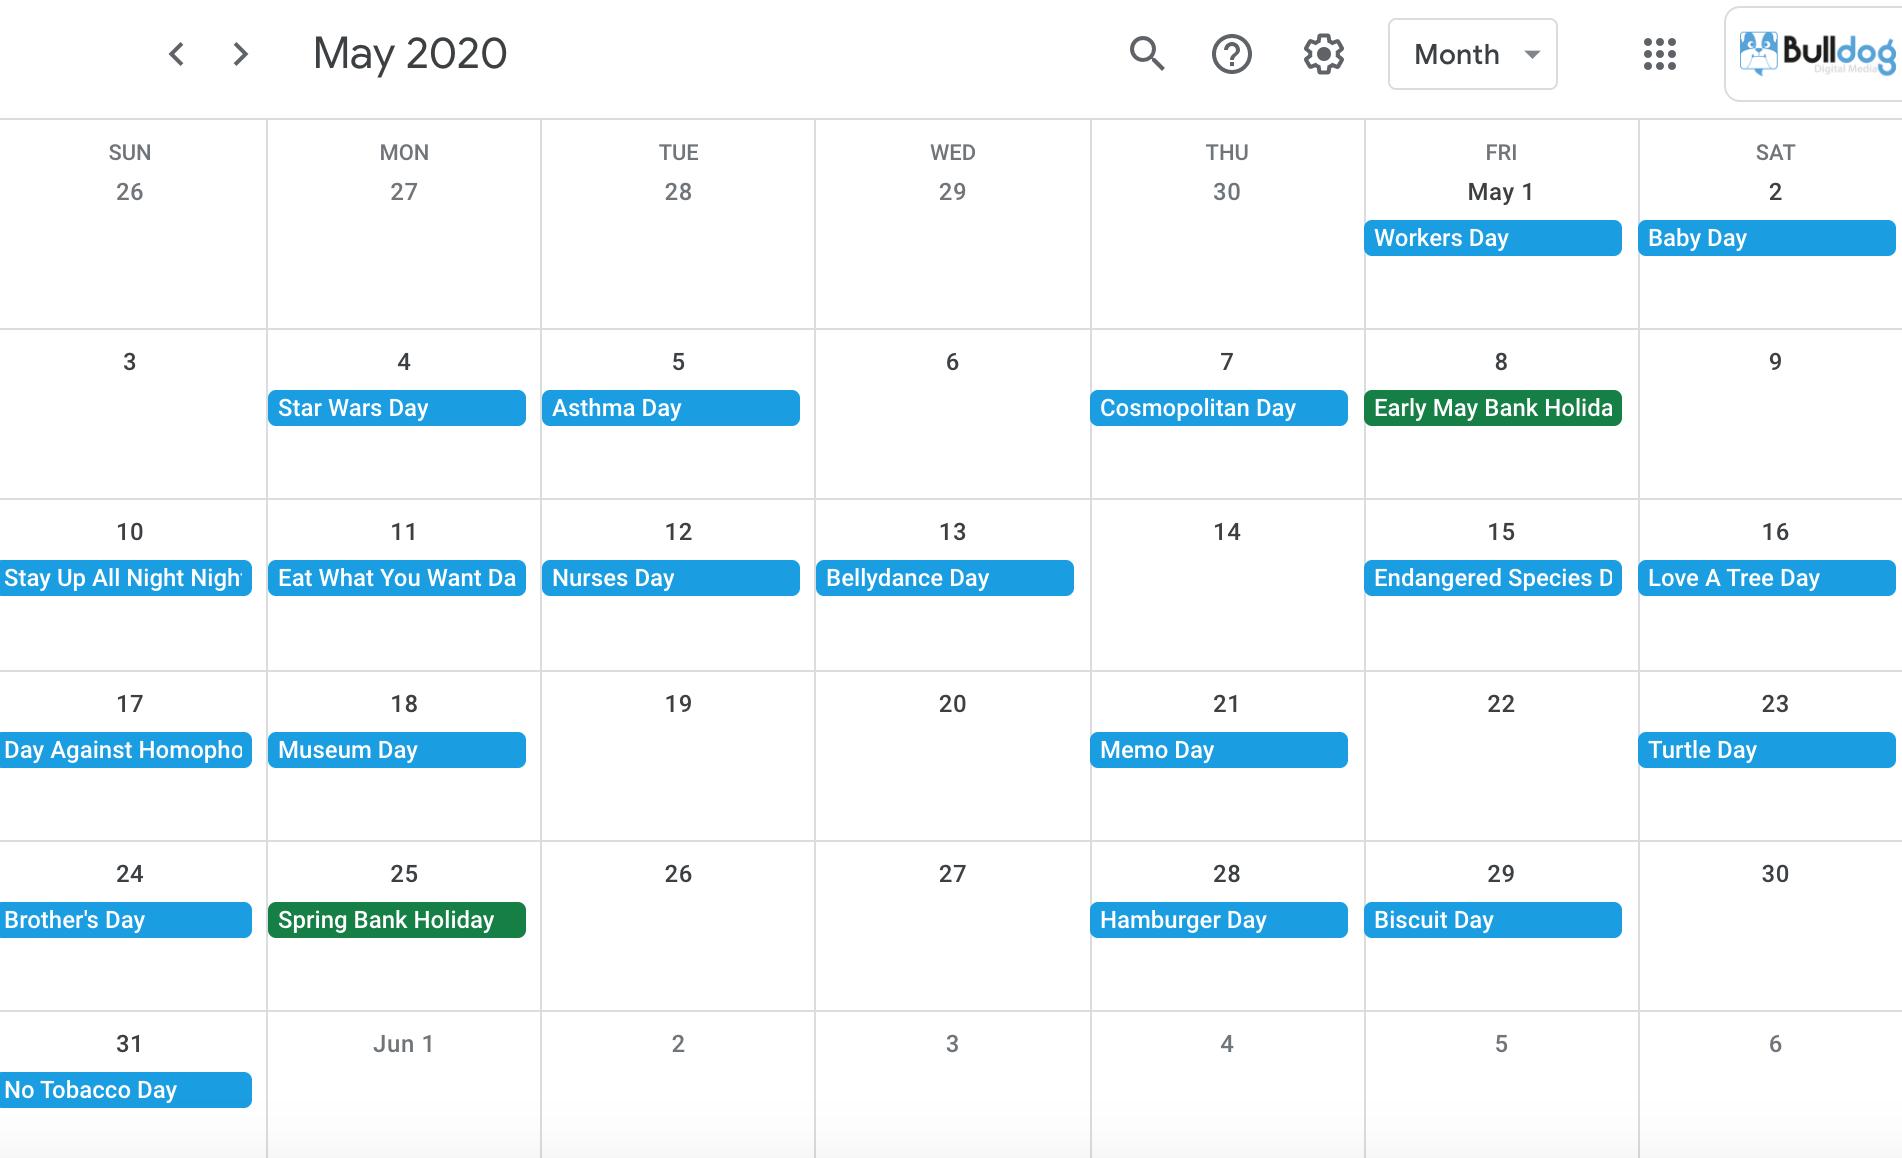 May 2020 social media holidays calendar